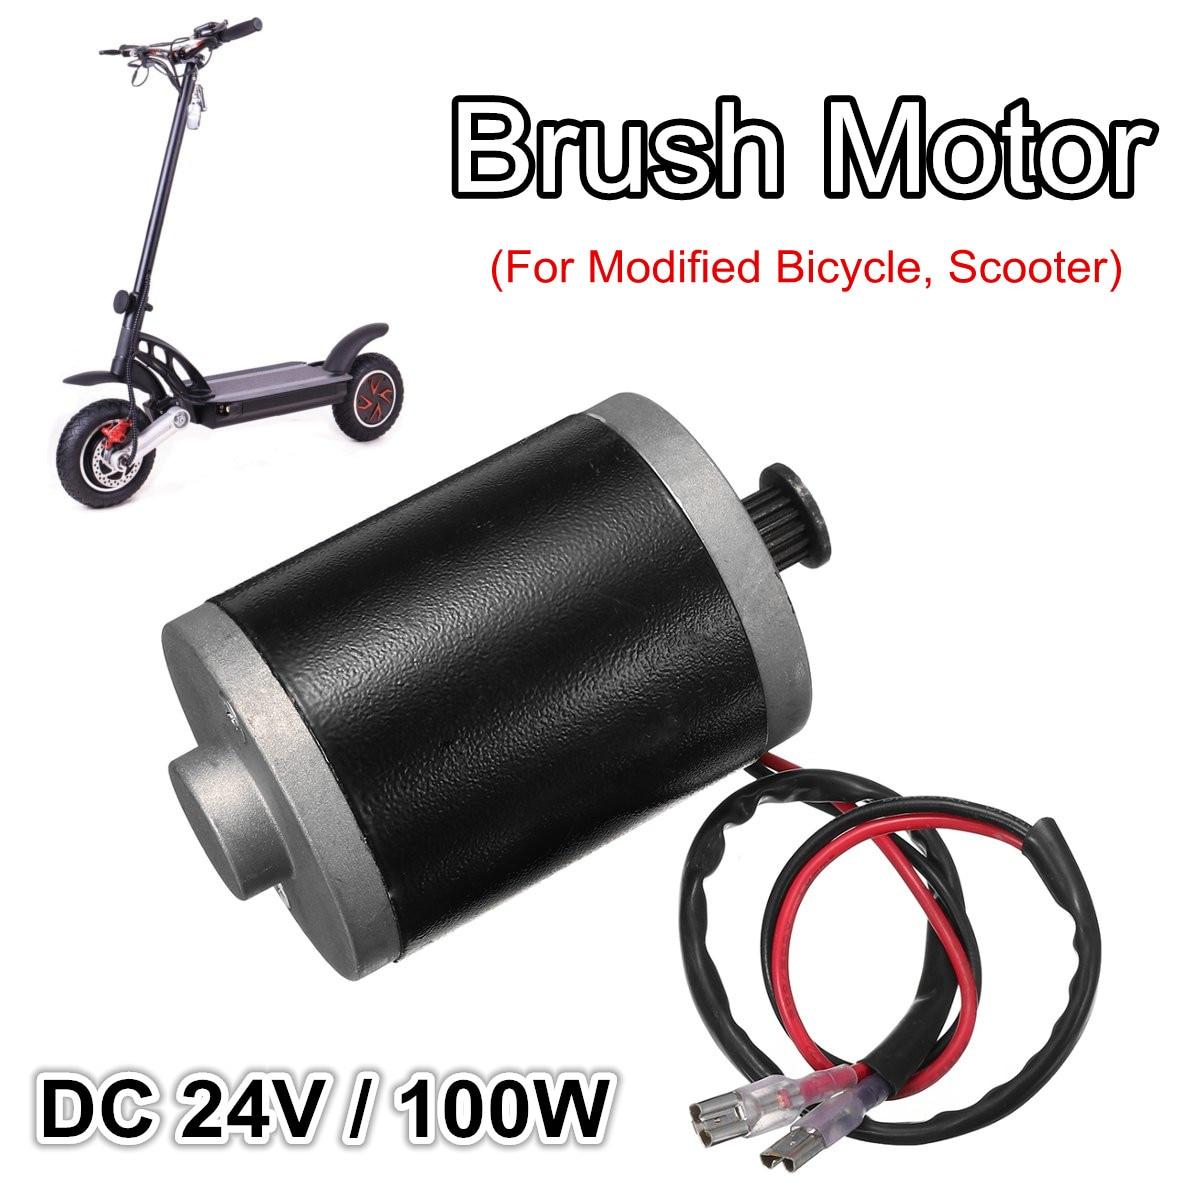 Durable Elektrische Roller Motor 3550RPM Motor Große Drehmoment Getriebe Motor Für Geändert Fahrrad Elektrische Pumpen Spielzeug Generatoren DC 24V